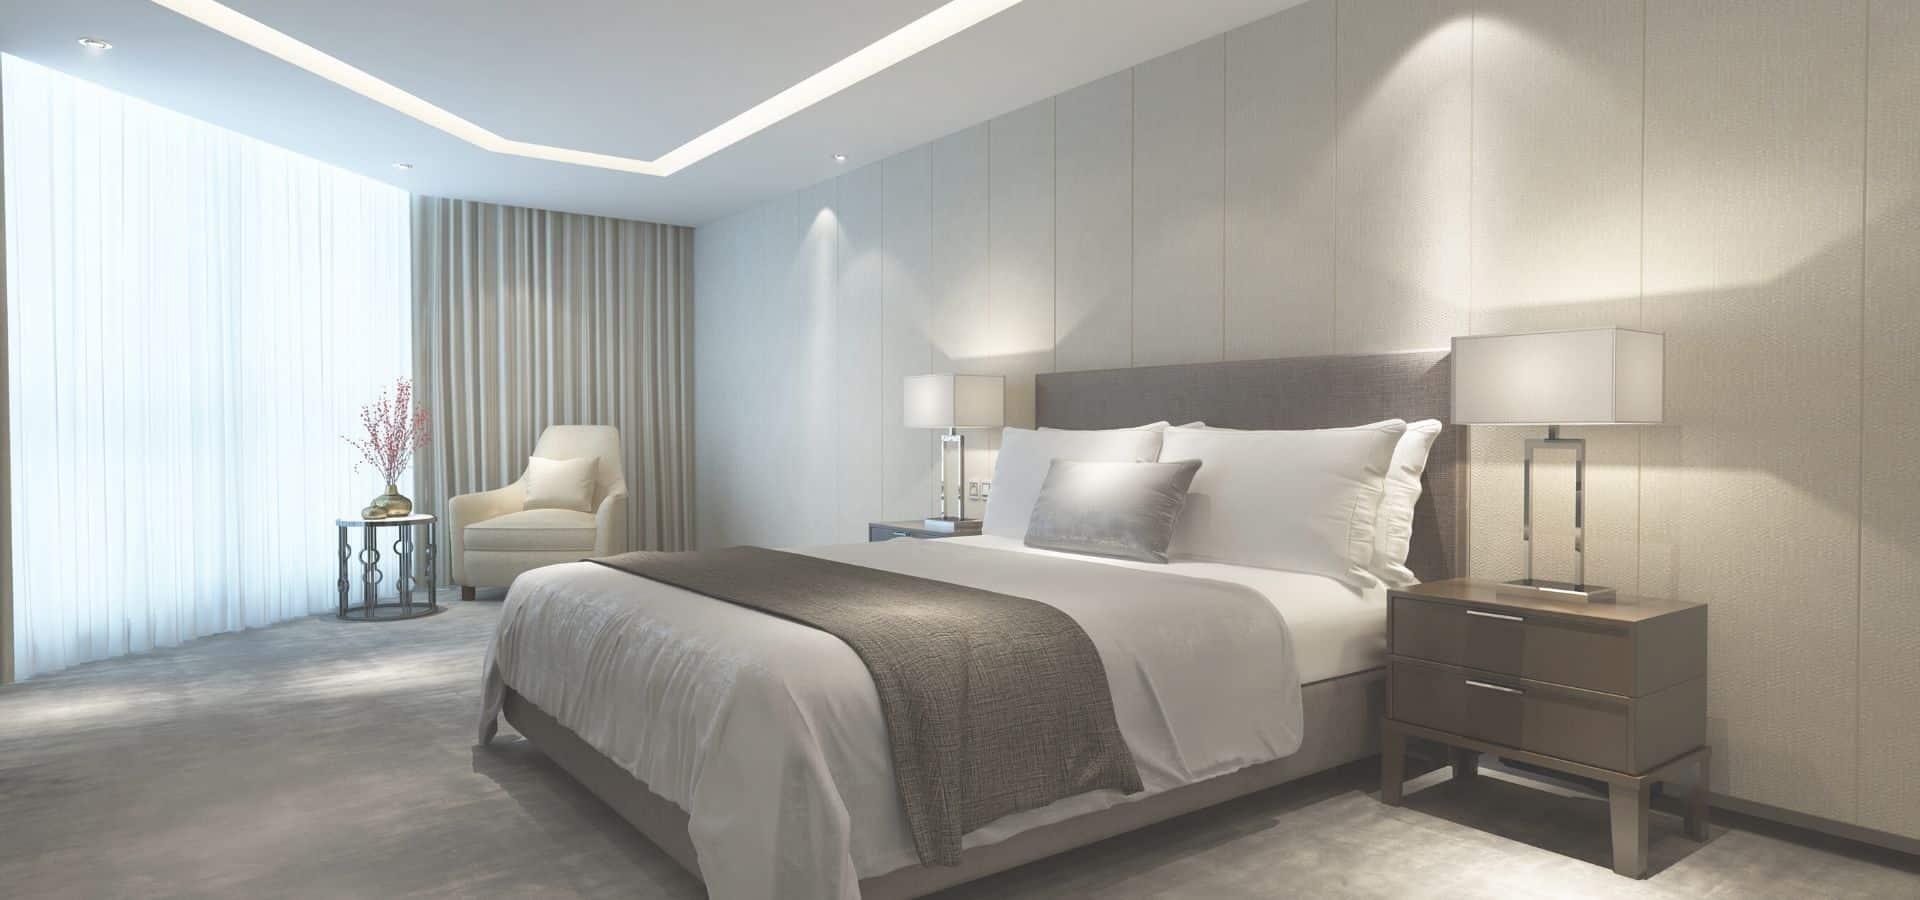 Łóżko tapcerowane szare